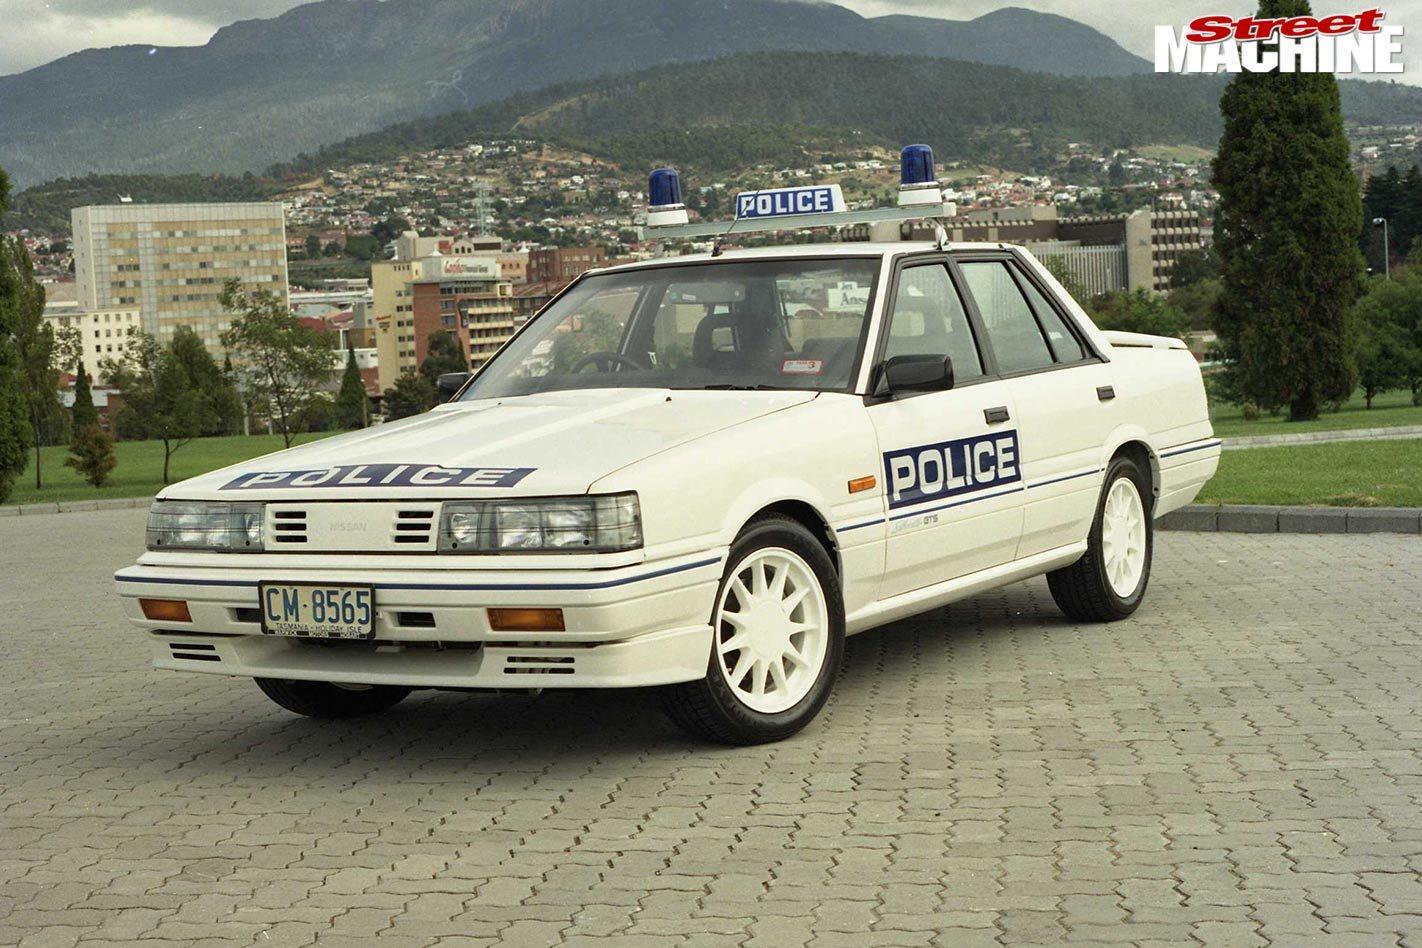 Nissan Skyline police car